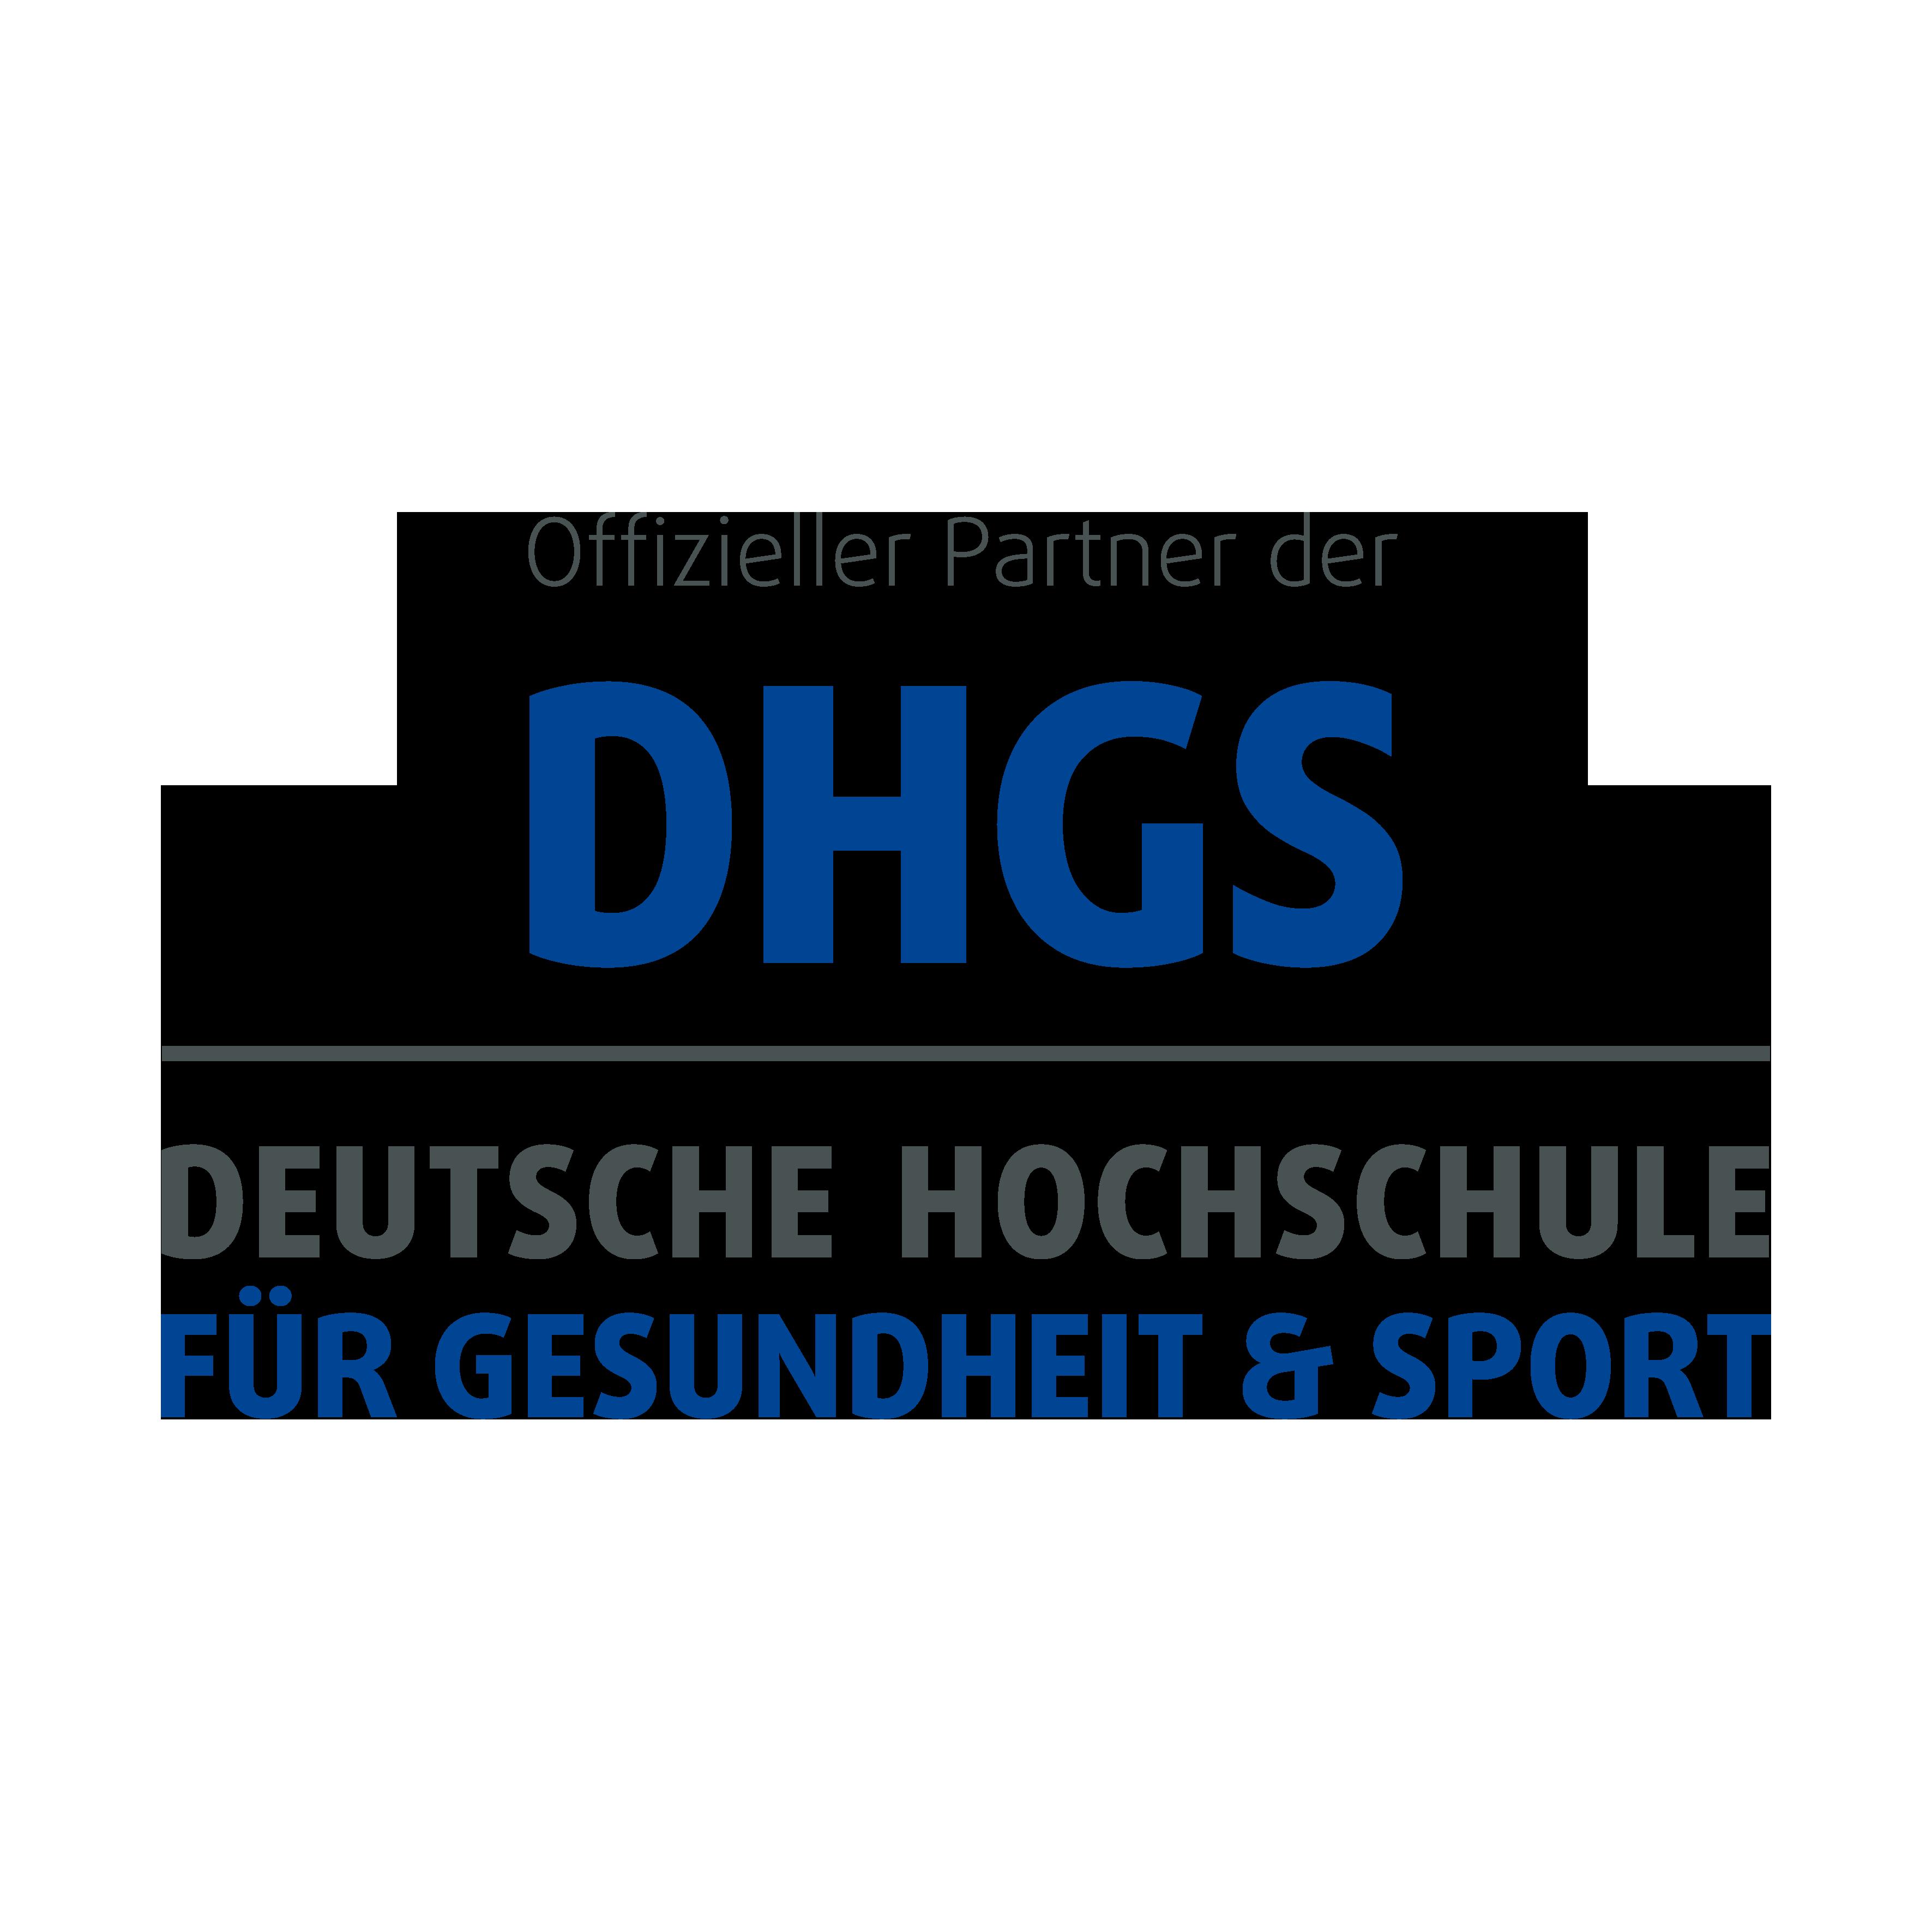 Deutsche Hochschule für Gesundheit und Sport